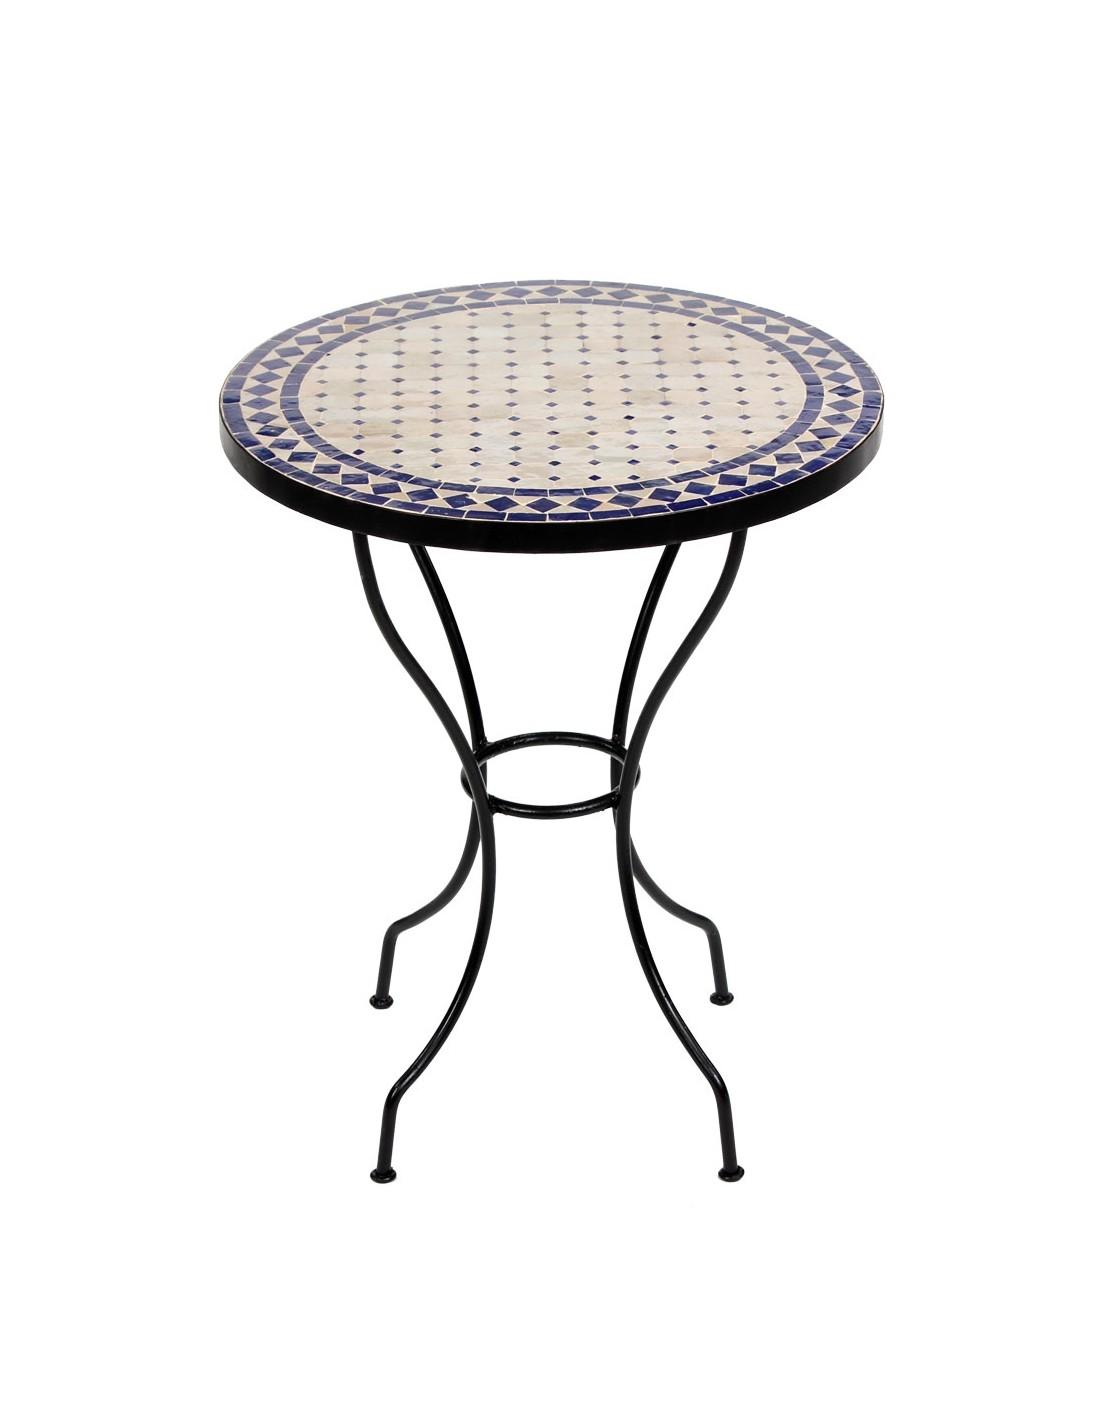 mosaiktisch ebau 60cm rund bei albena marokko galerie. Black Bedroom Furniture Sets. Home Design Ideas